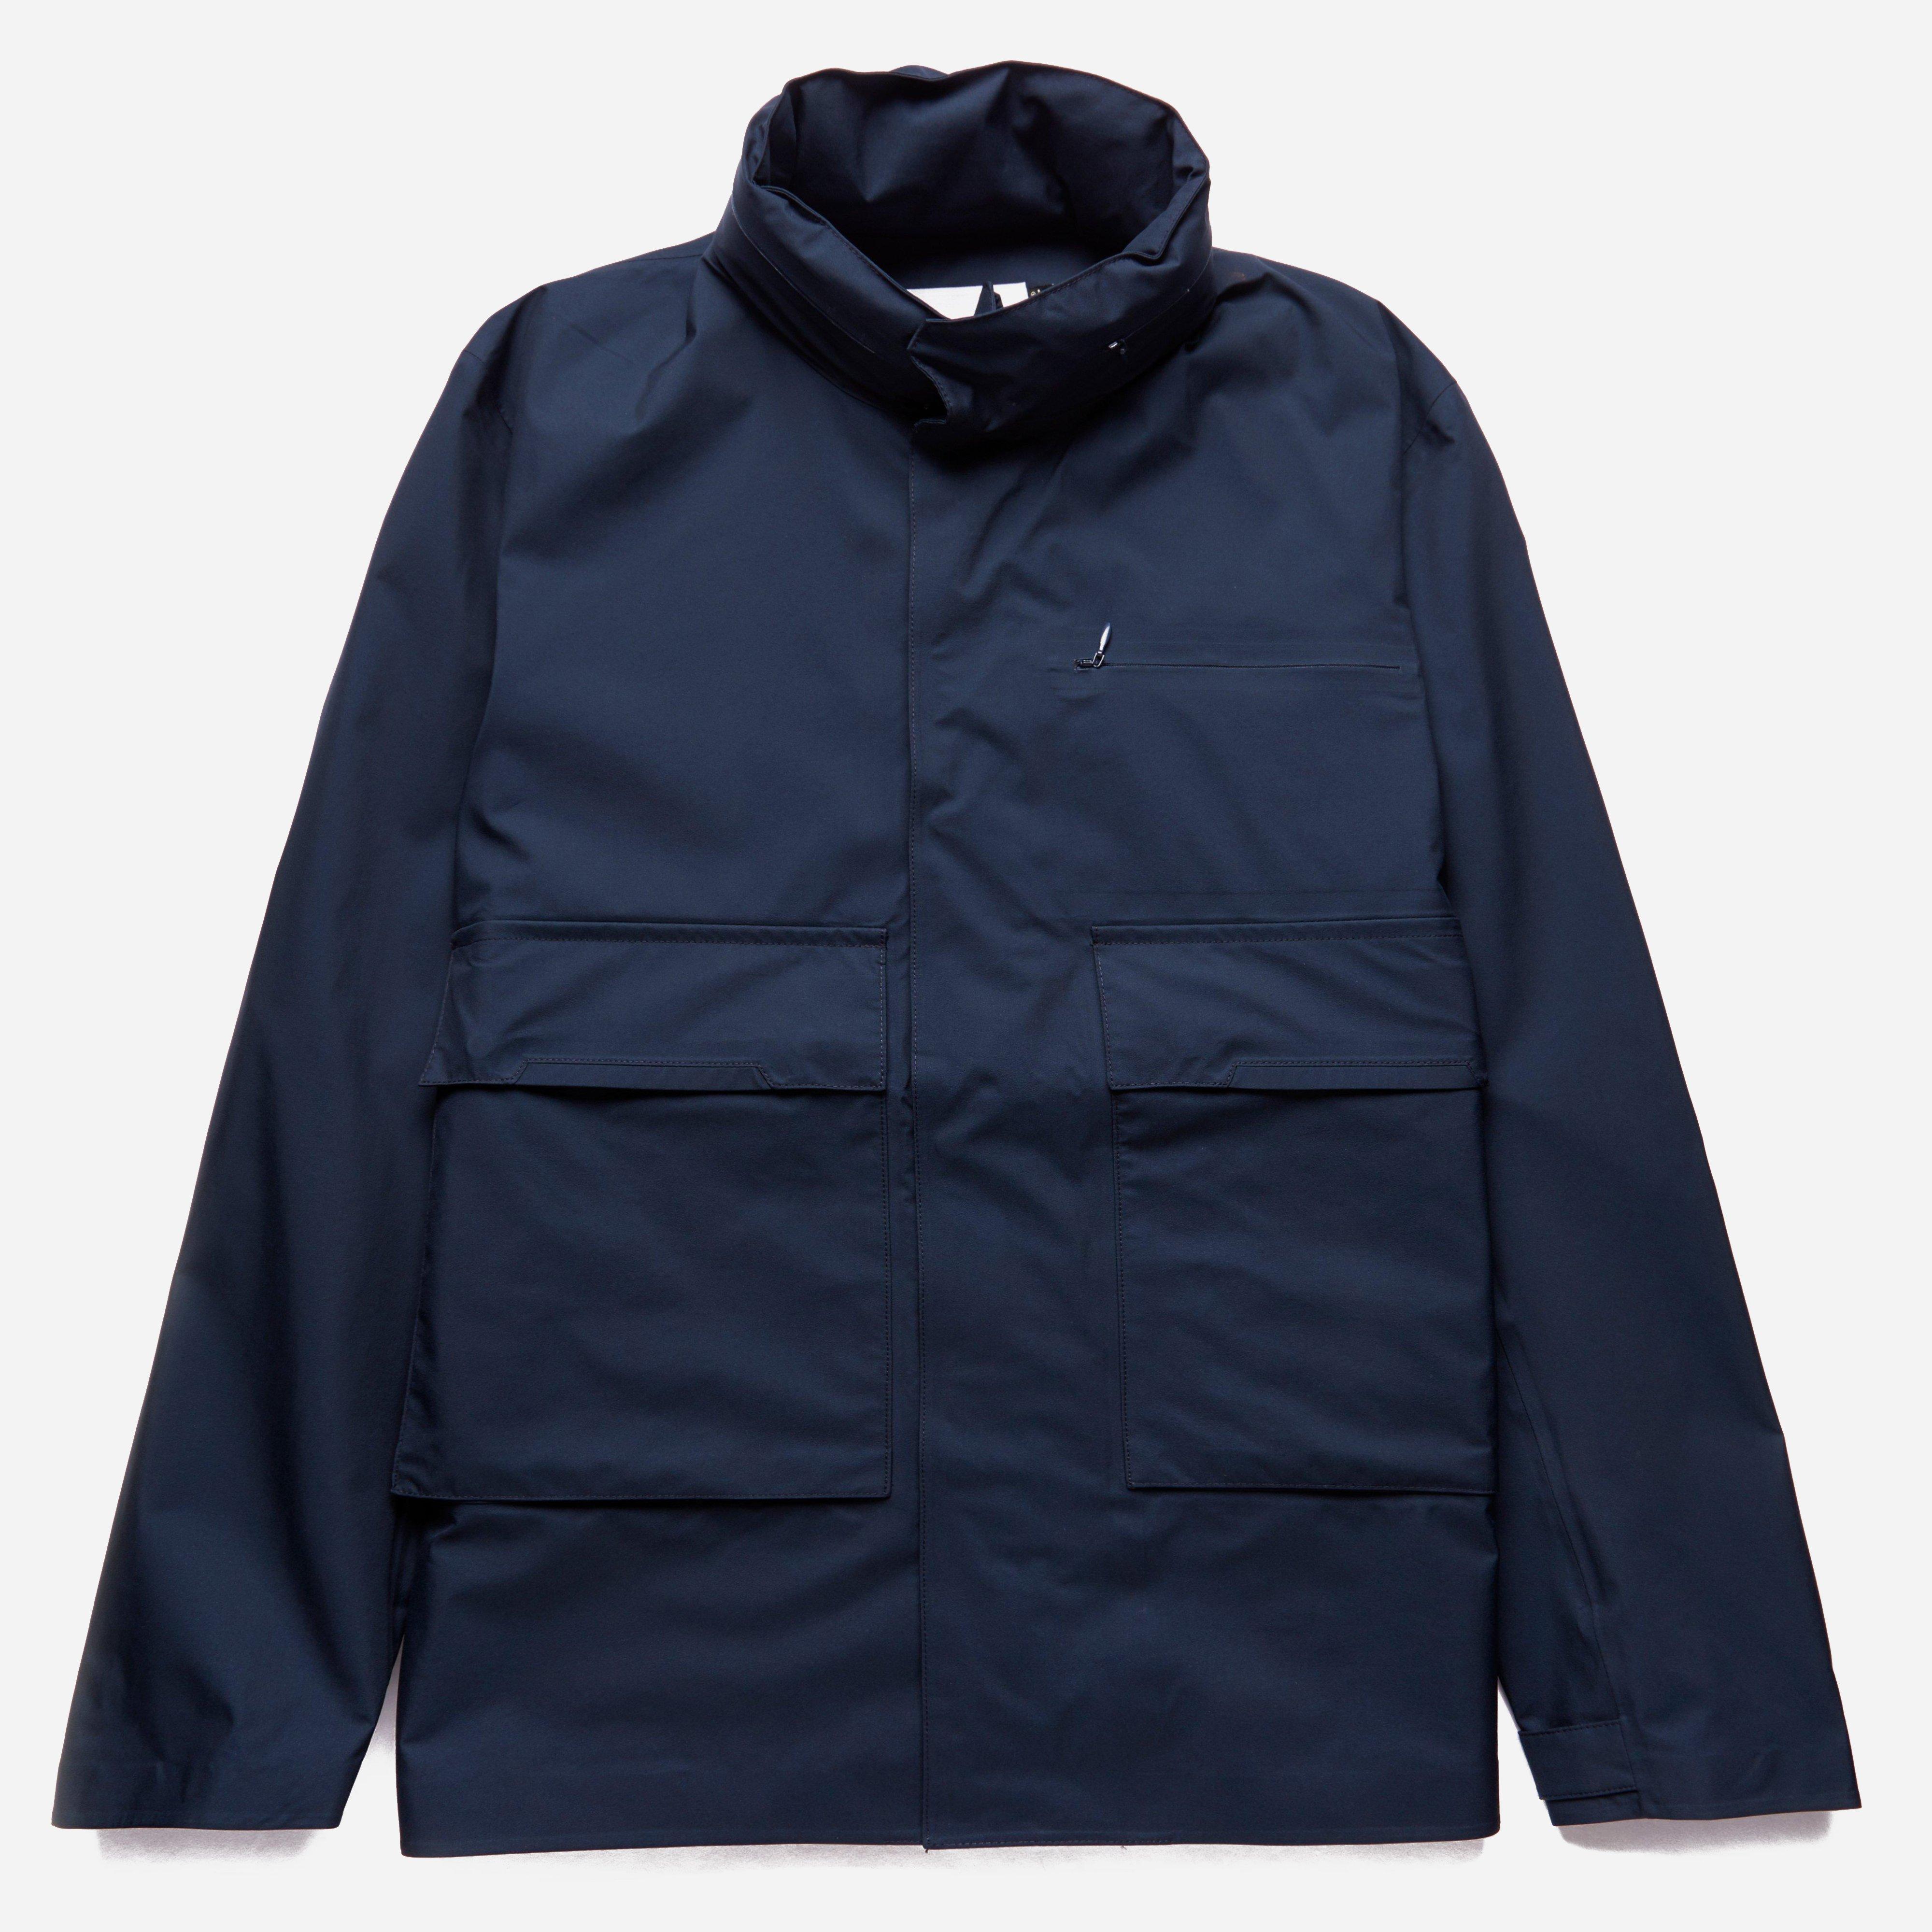 lyst nanamica gore tex jacket in blue for men. Black Bedroom Furniture Sets. Home Design Ideas